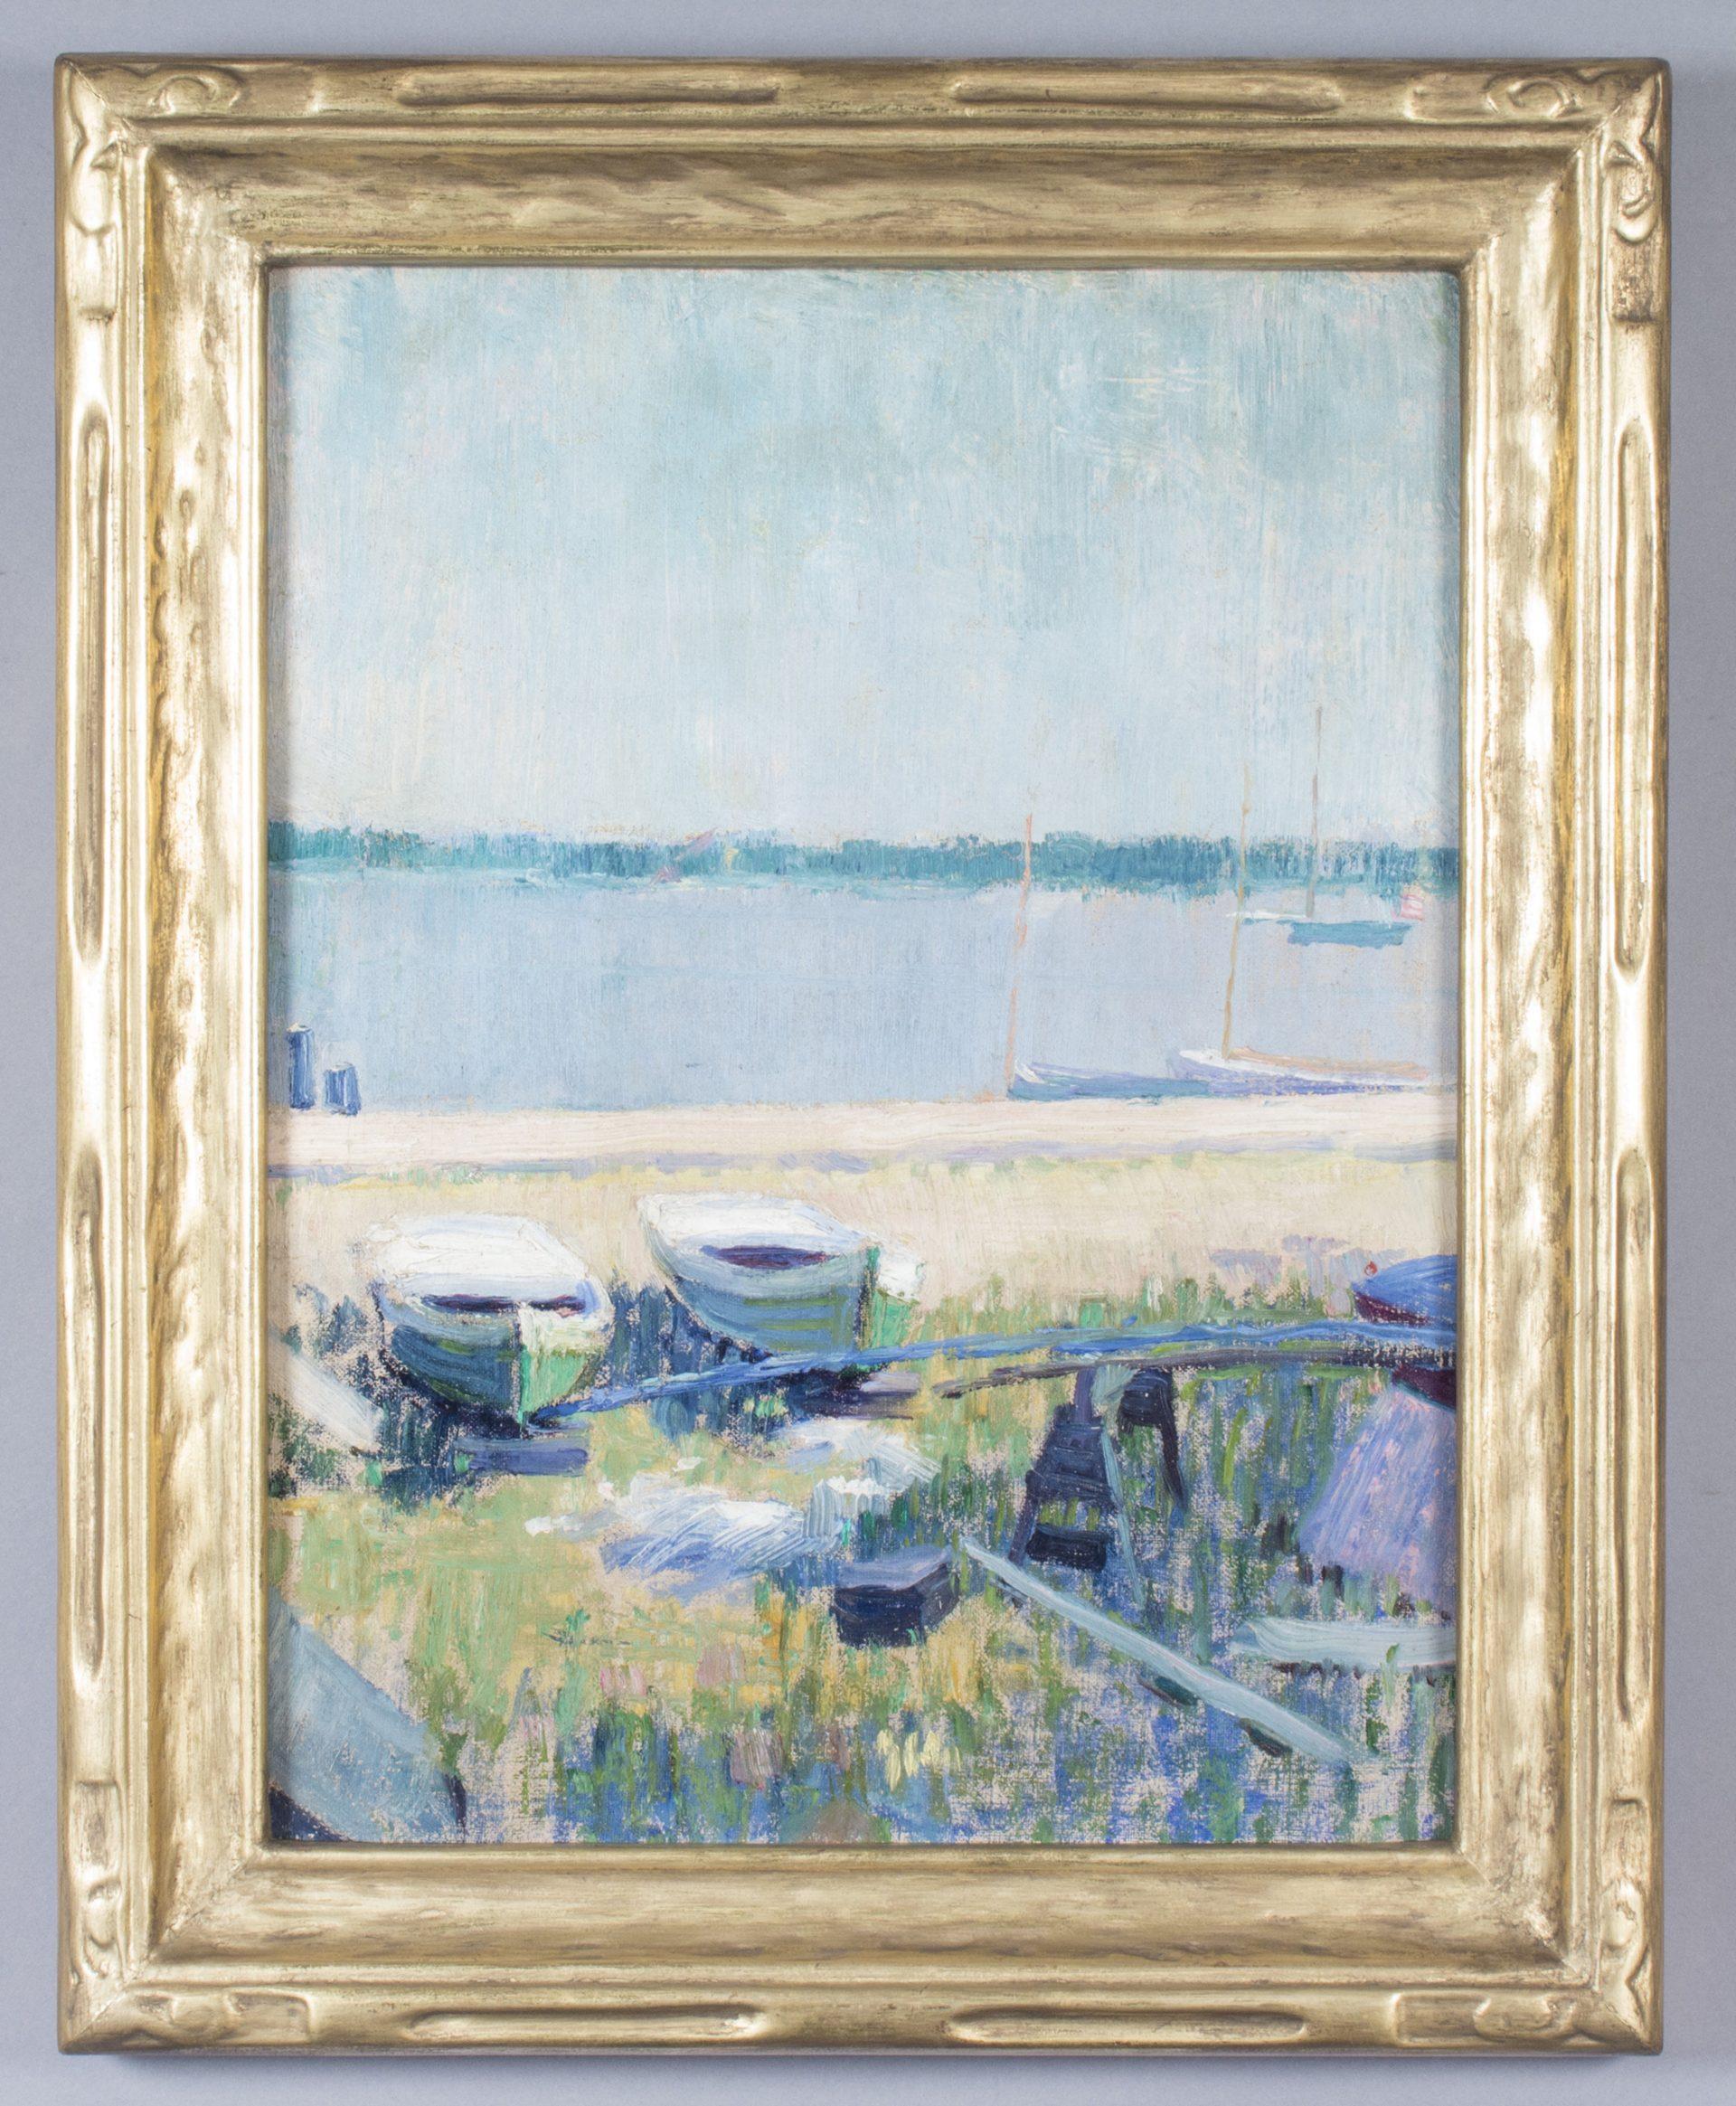 River View FRAMED (Henry McCarter)